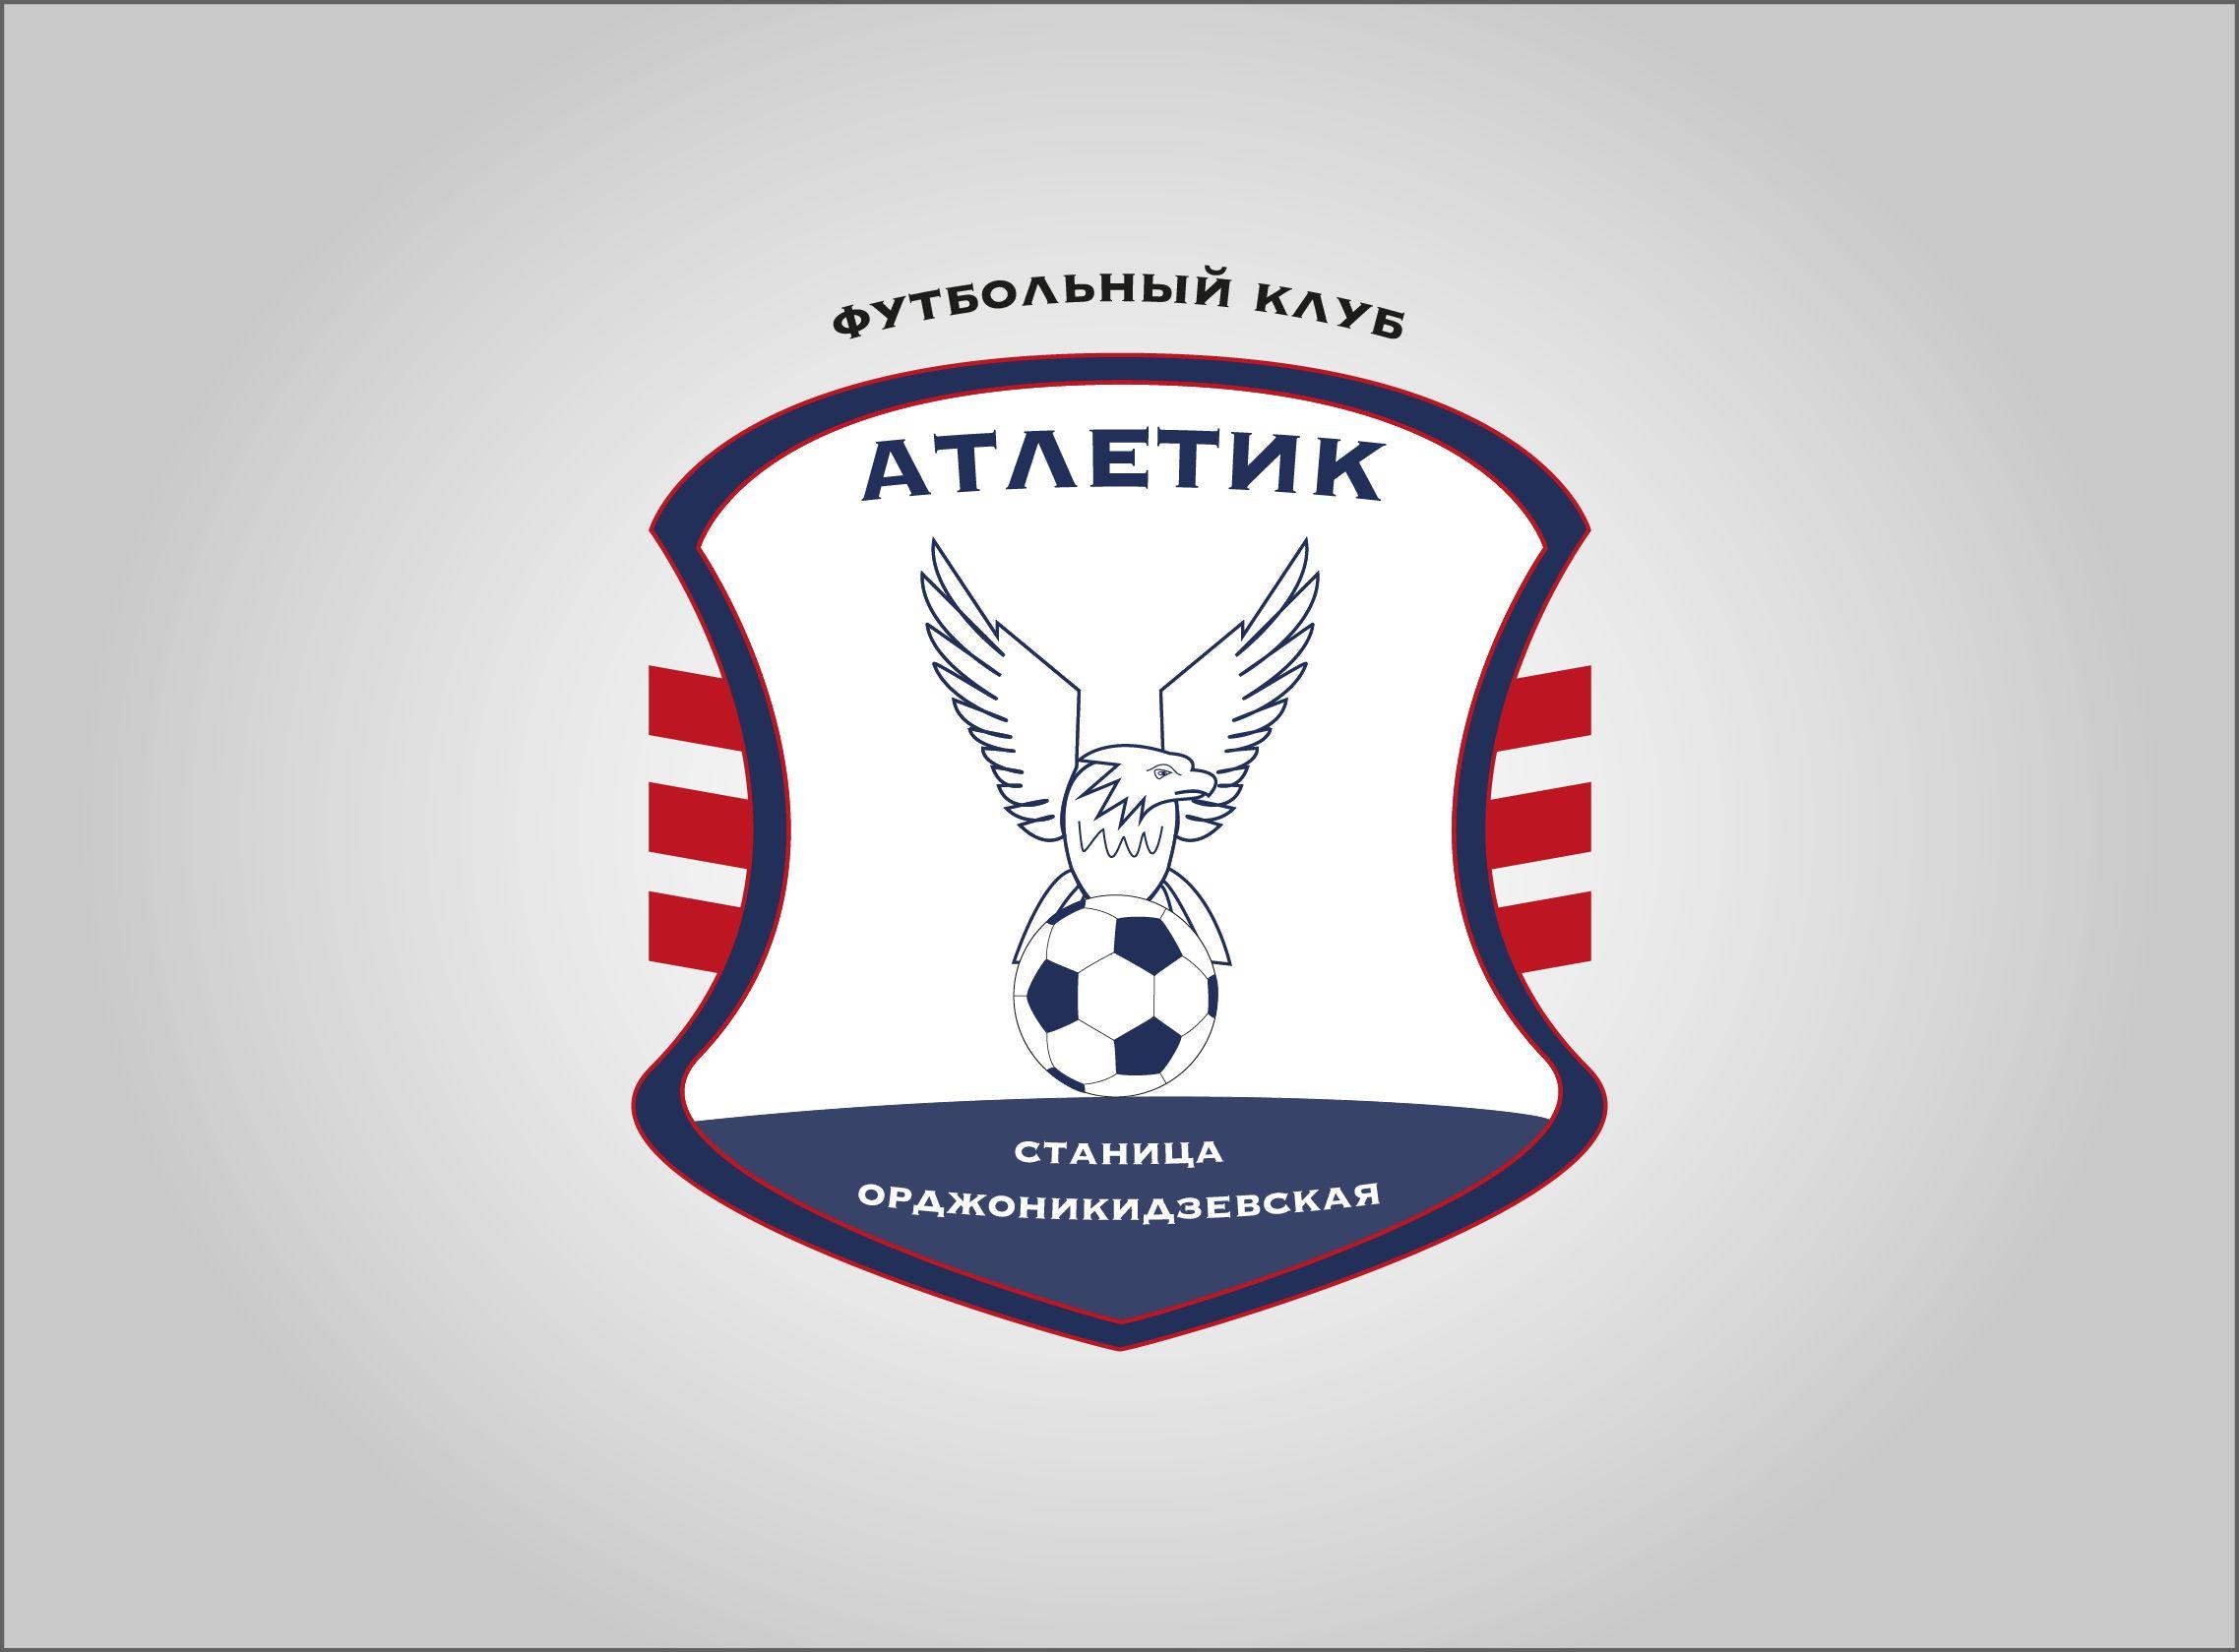 Логотип для Футбольного клуба  - дизайнер cg_daniel